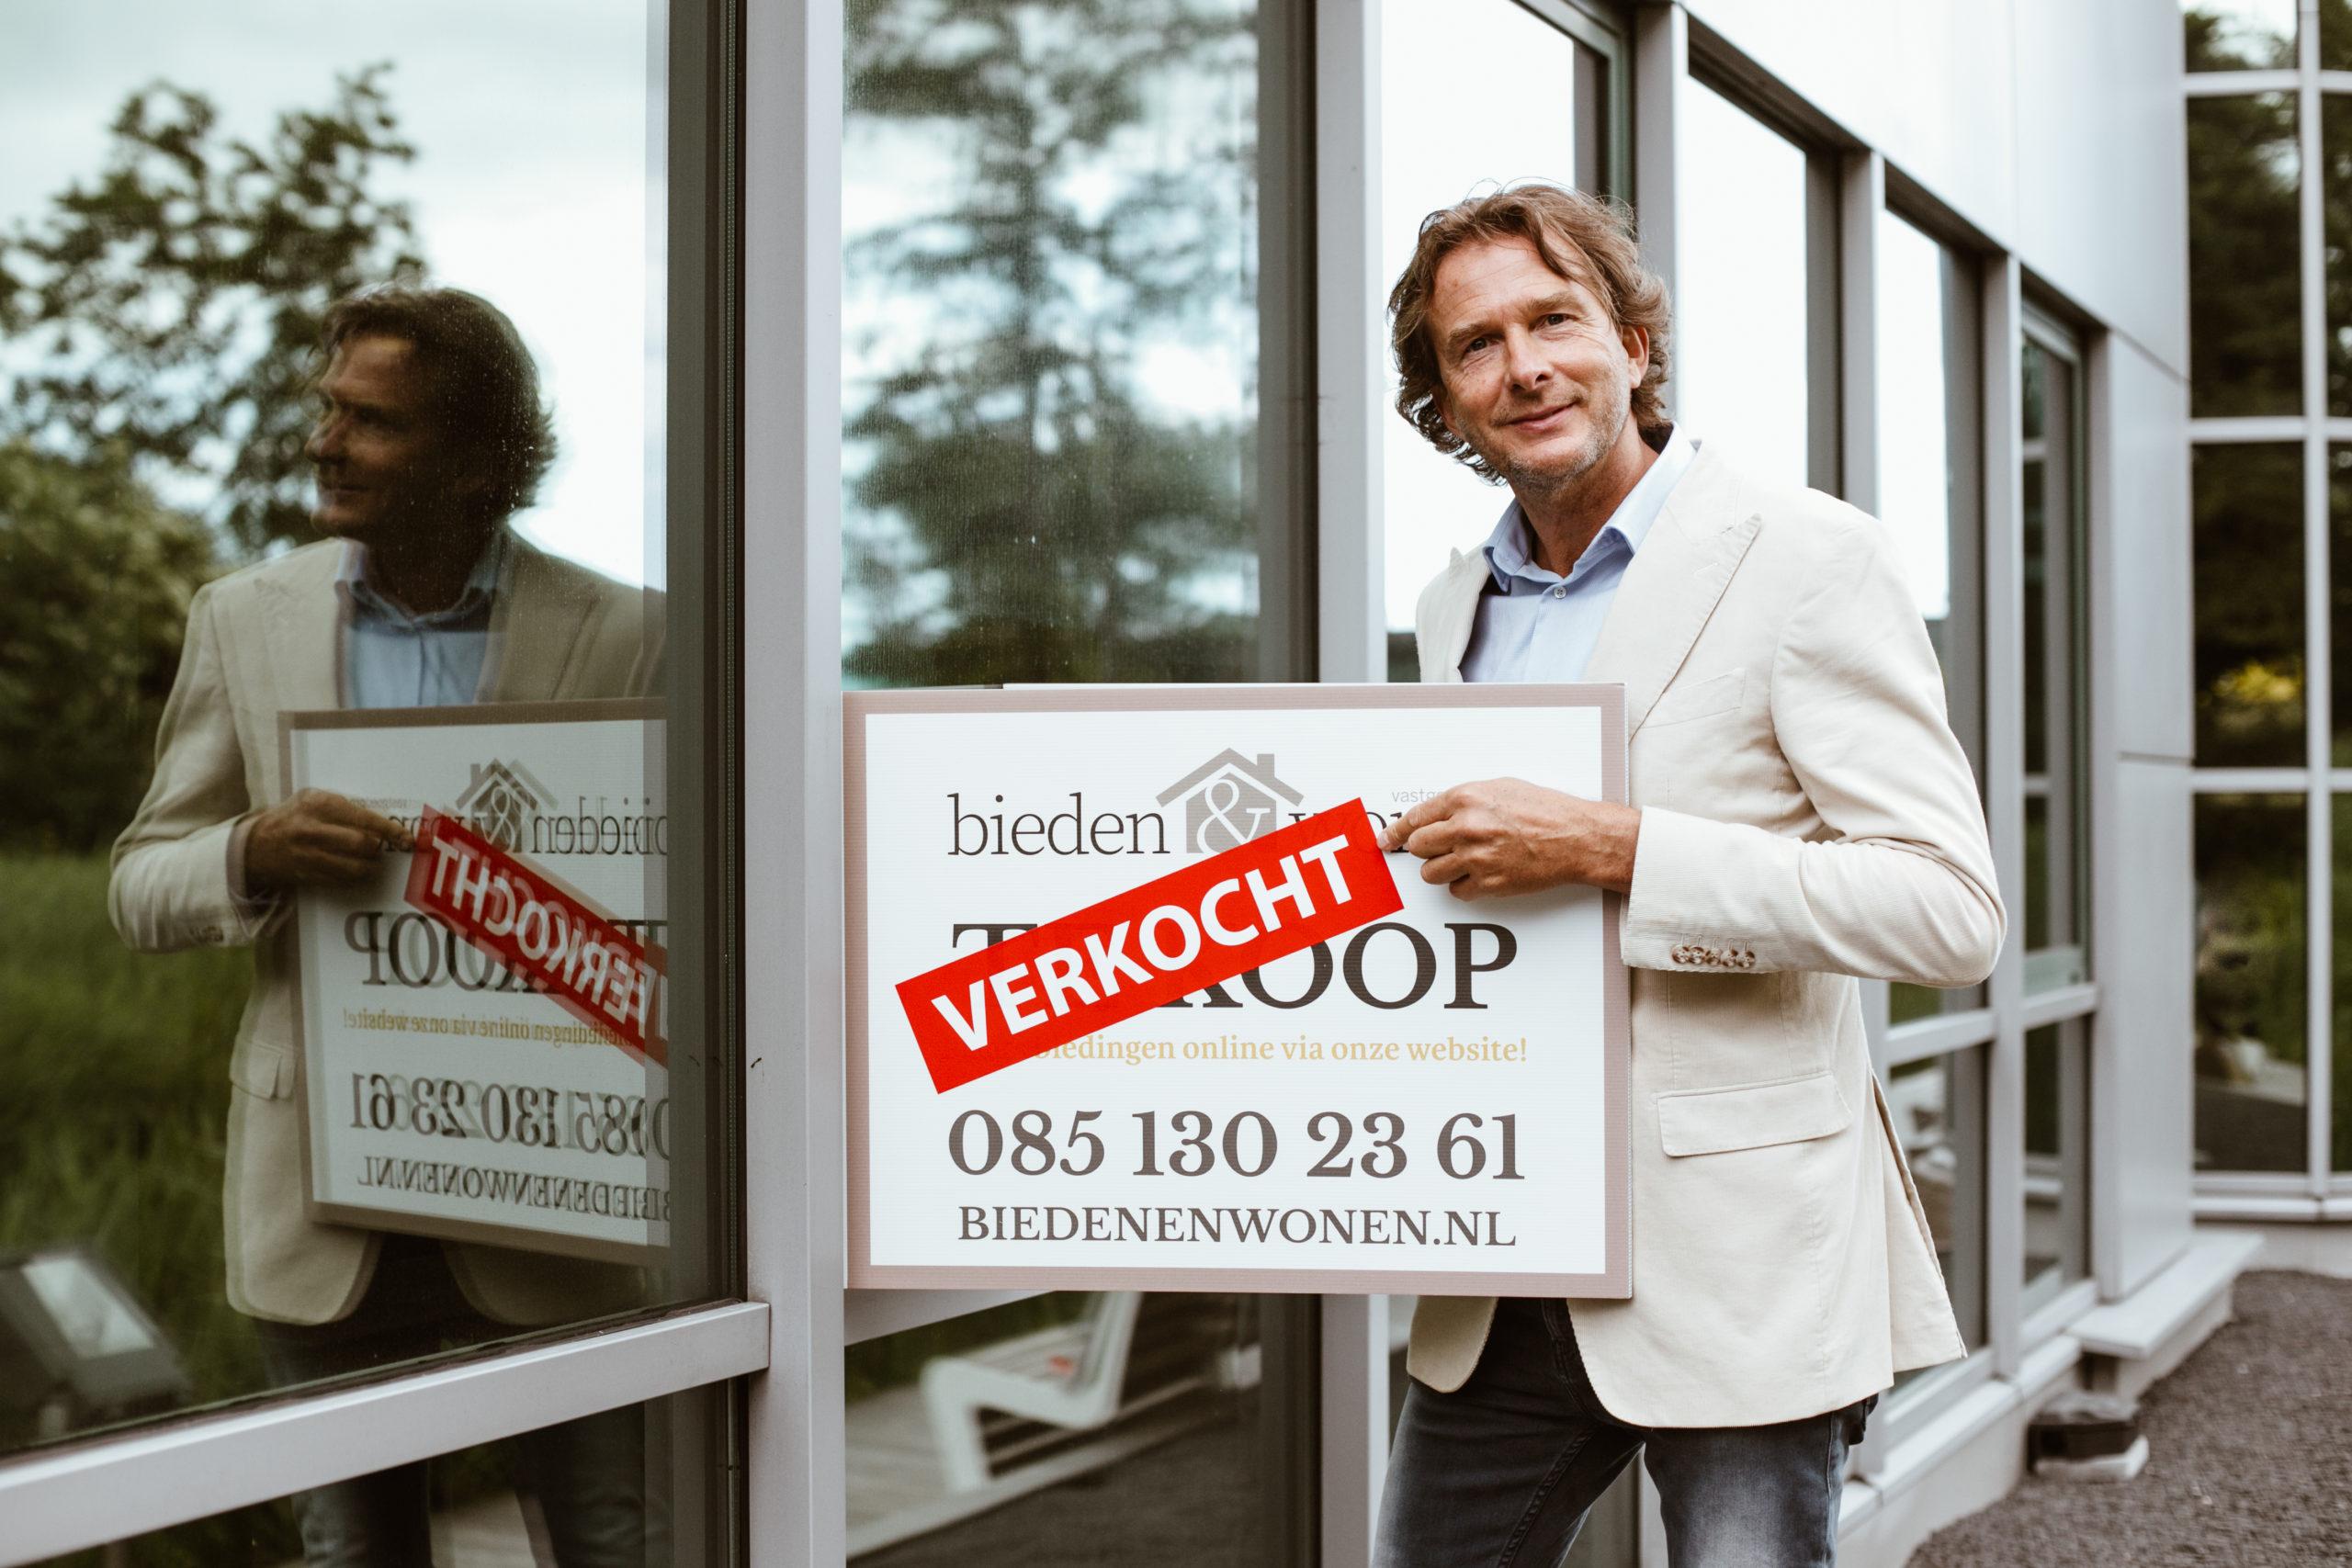 Marco Verbeek vestigingsmanager Bieden en Wonen Makelaars Amsterdam